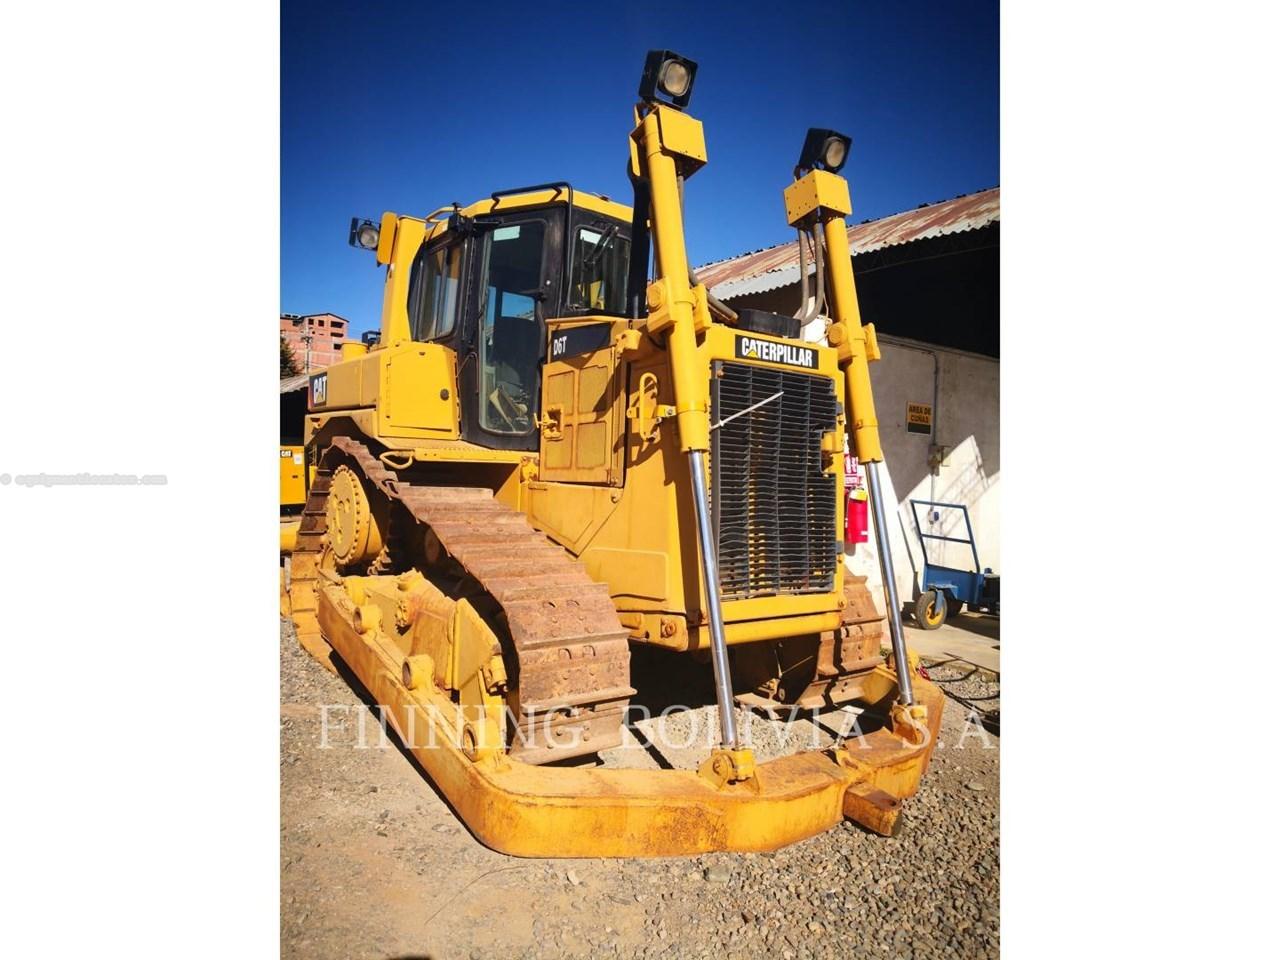 2010 Caterpillar D6T Image 1